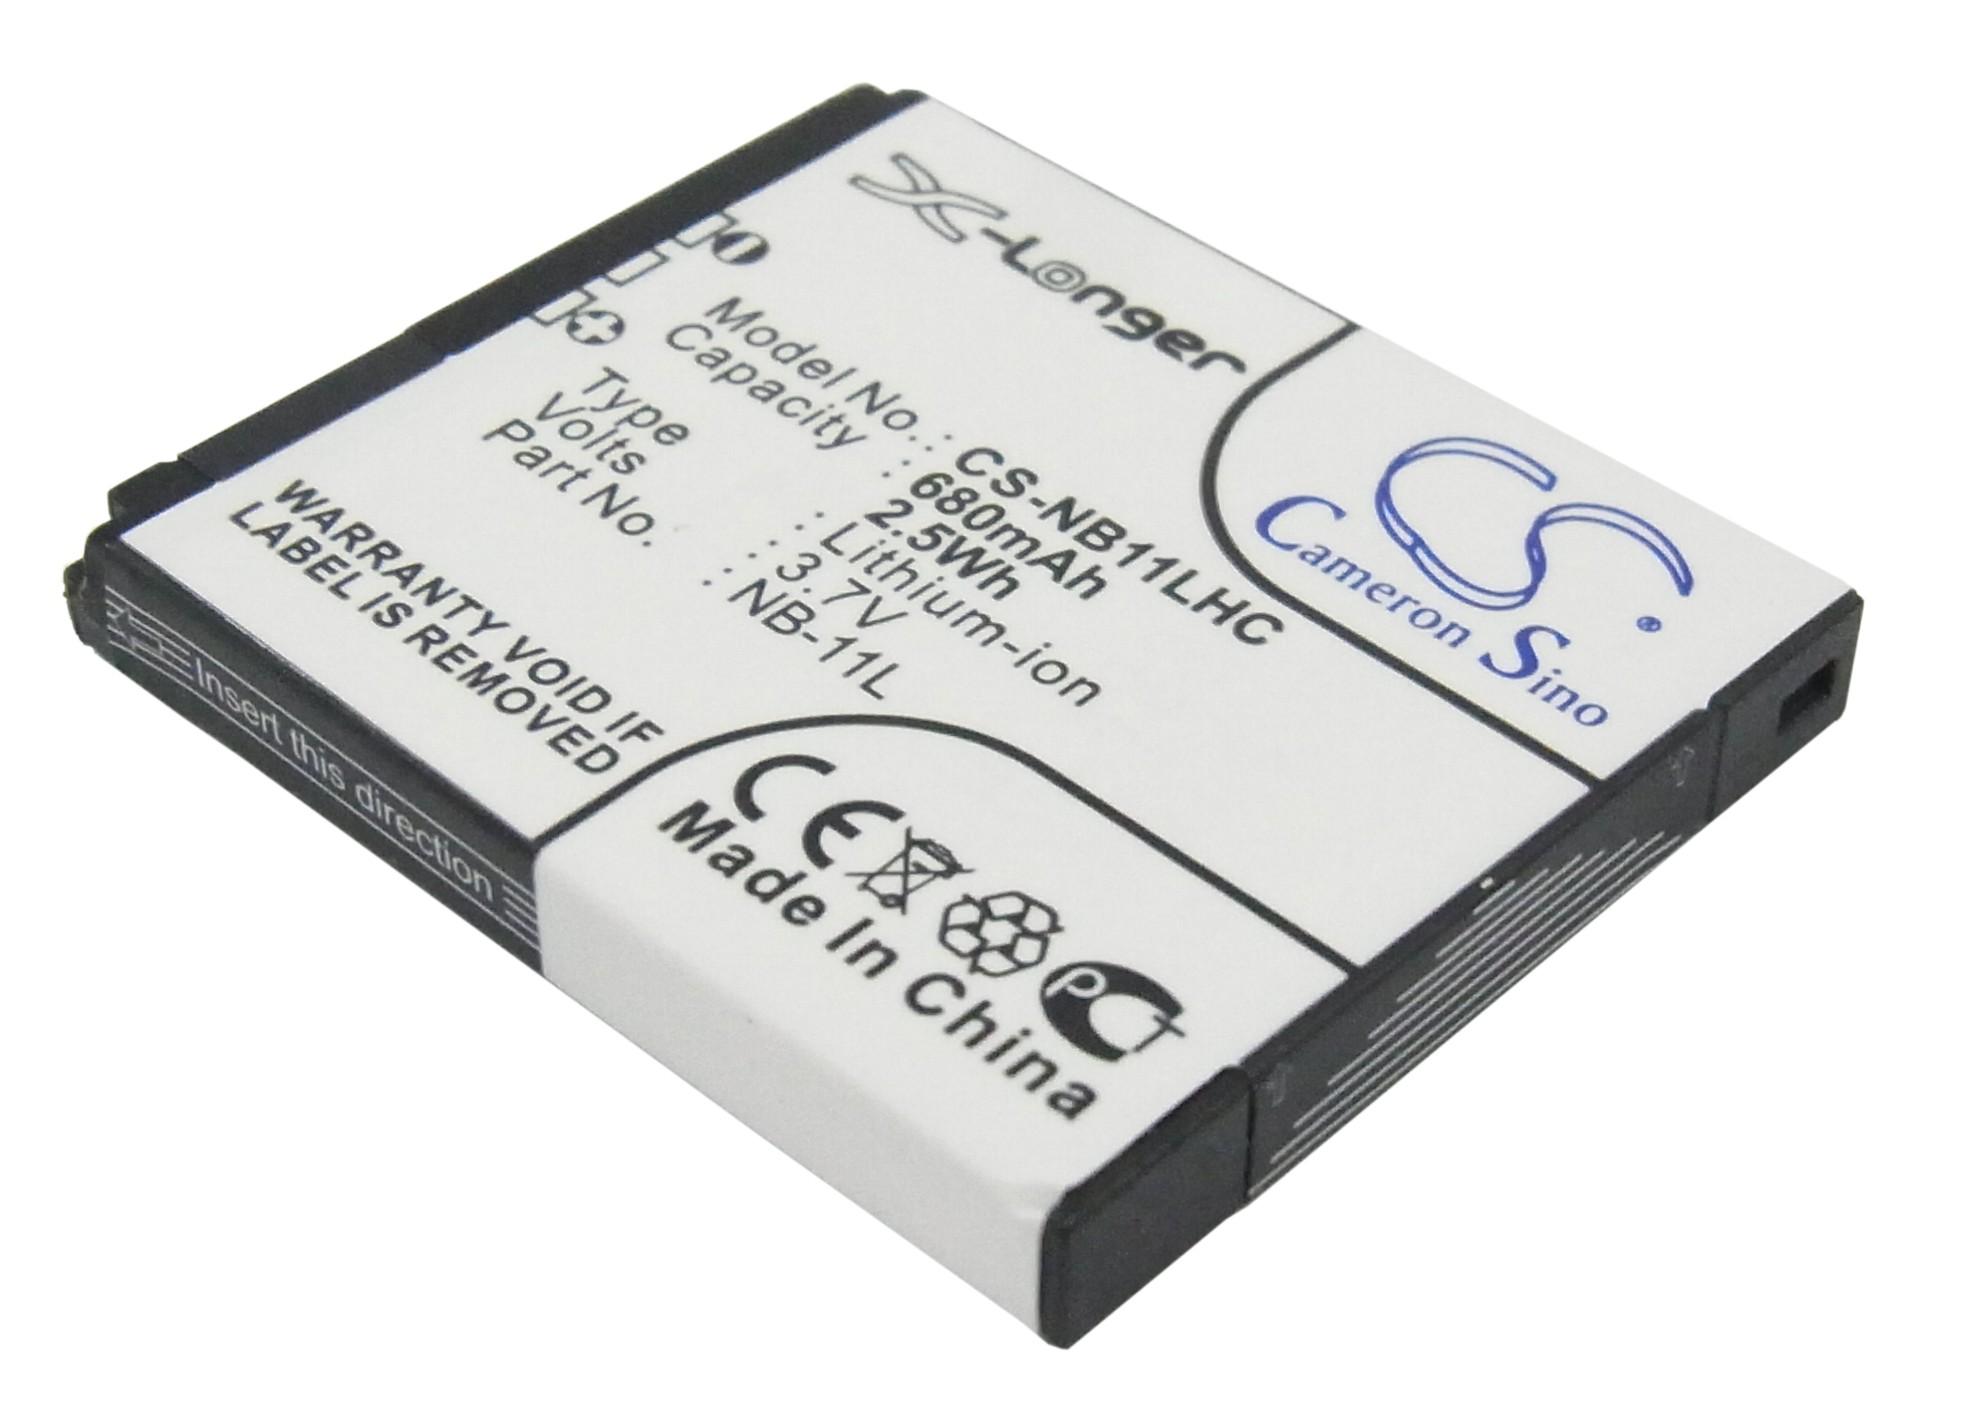 Cameron Sino baterie do kamer a fotoaparátů pro CANON PowerShot A4000 IS 3.7V Li-ion 680mAh černá - neoriginální